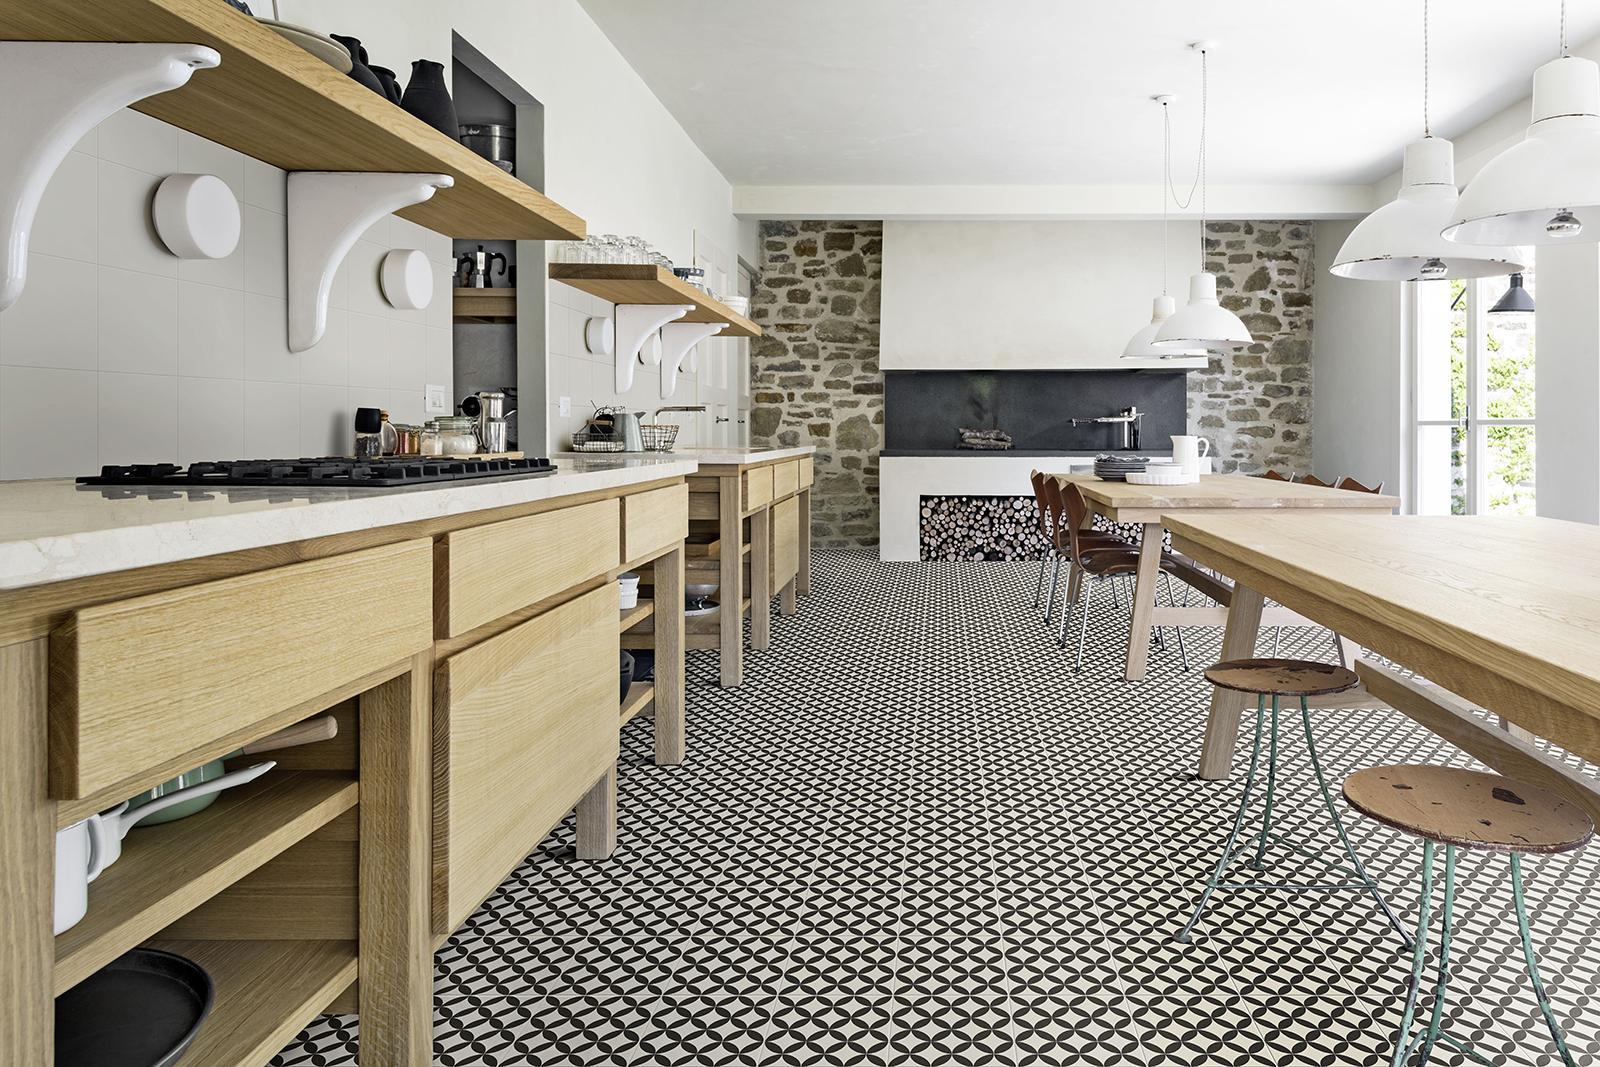 Full Size of Fliesen Für Küche Groß Fliesen Betonoptik Küche Küche Bodenbelag Küche